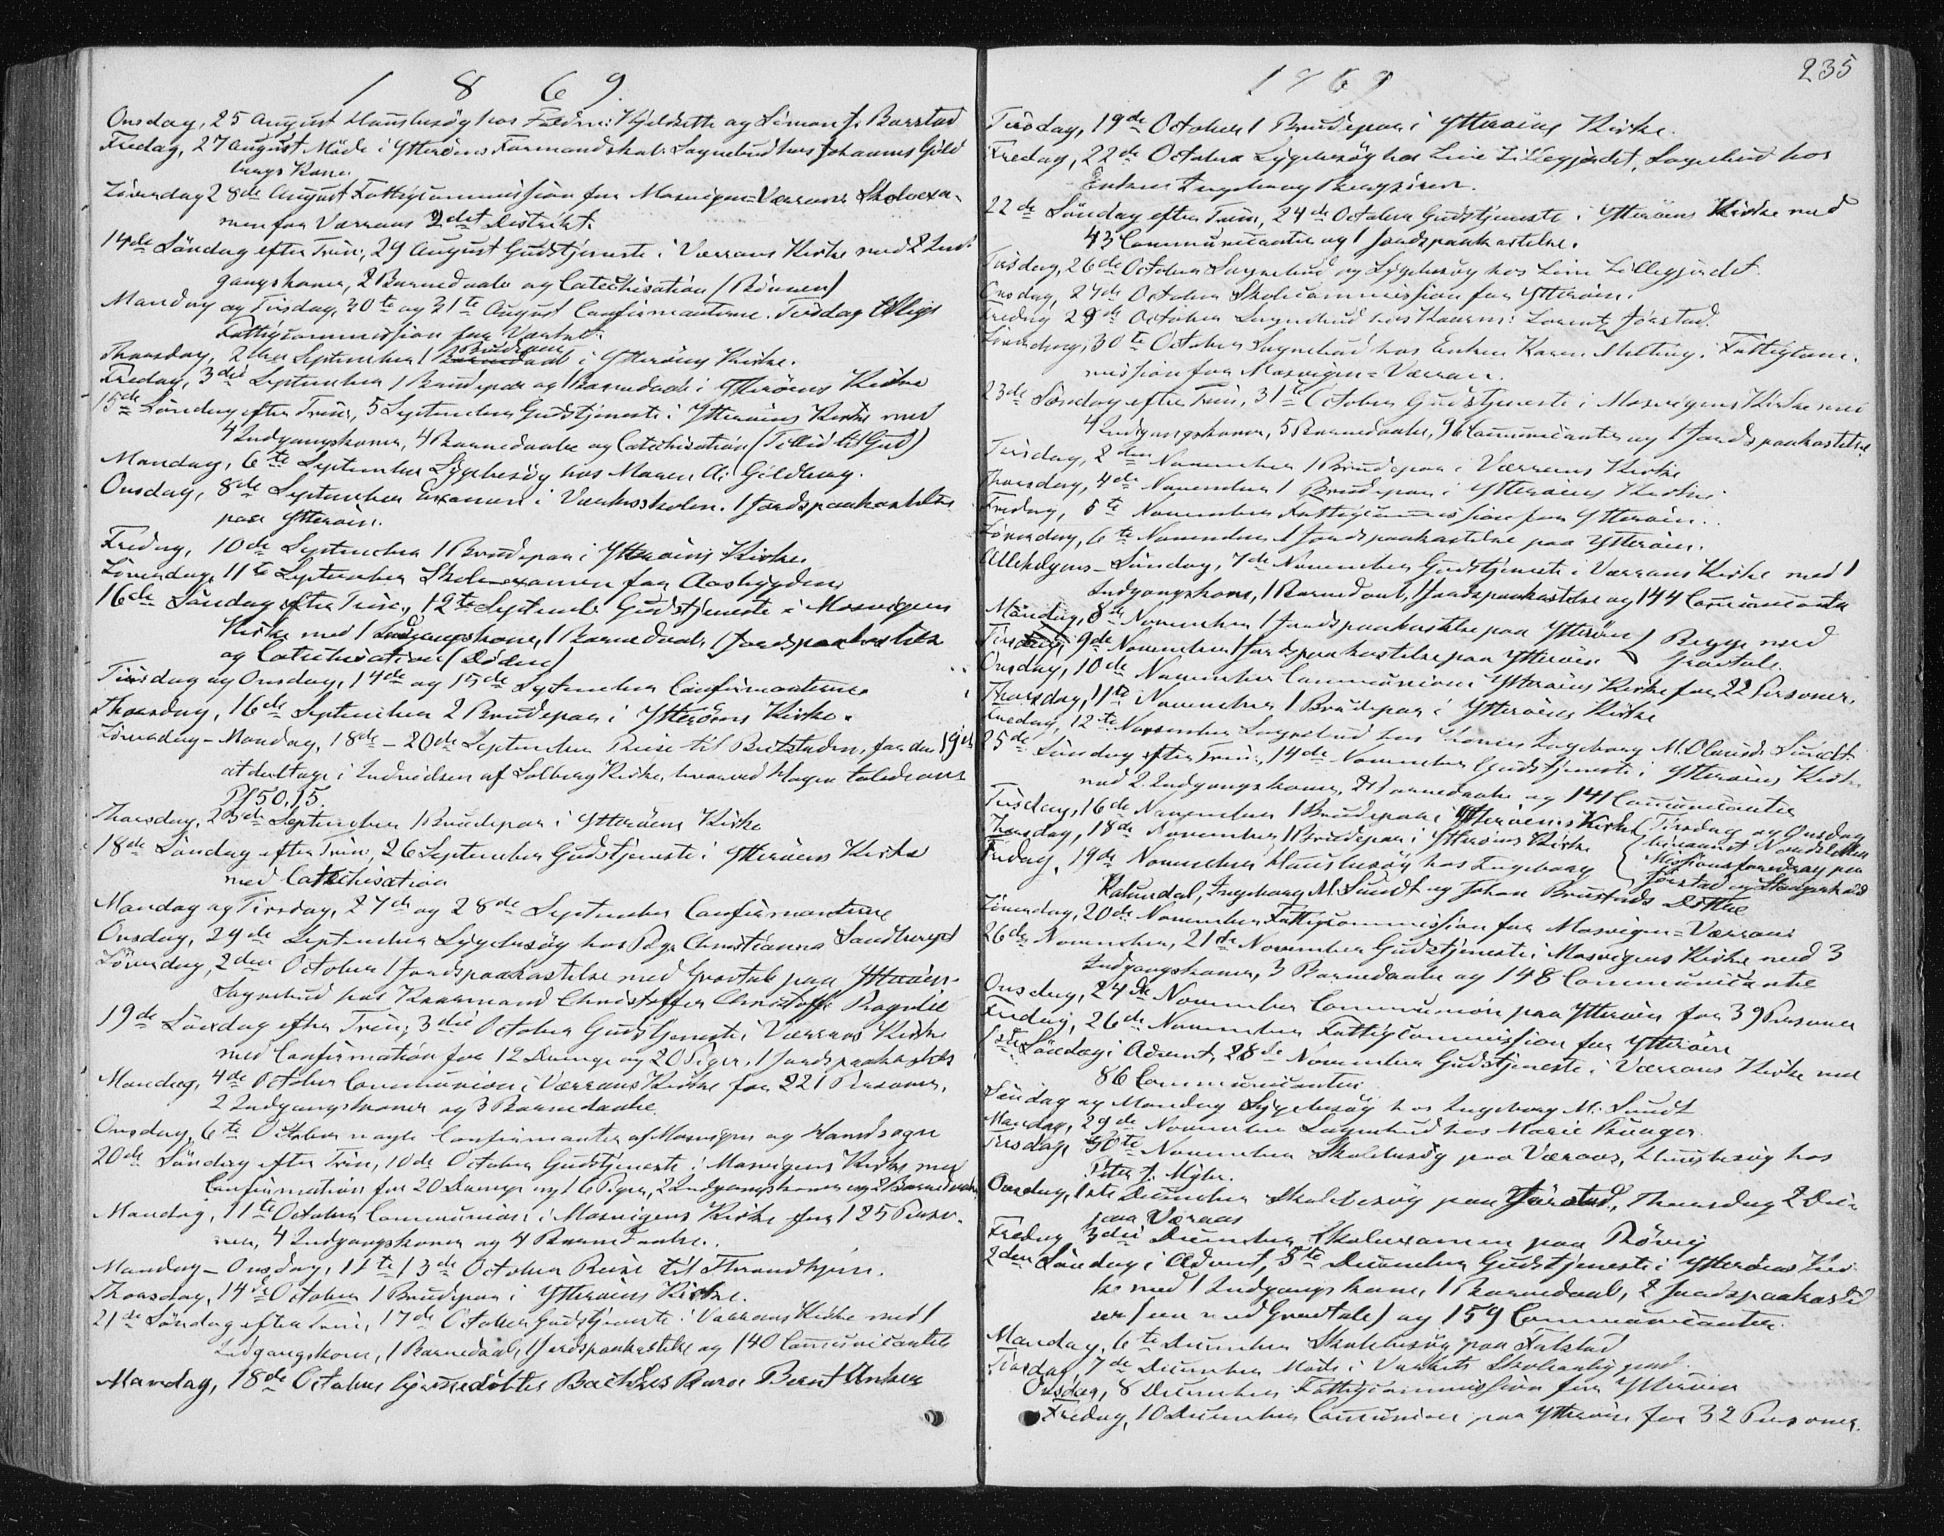 SAT, Ministerialprotokoller, klokkerbøker og fødselsregistre - Nord-Trøndelag, 722/L0219: Ministerialbok nr. 722A06, 1868-1880, s. 235